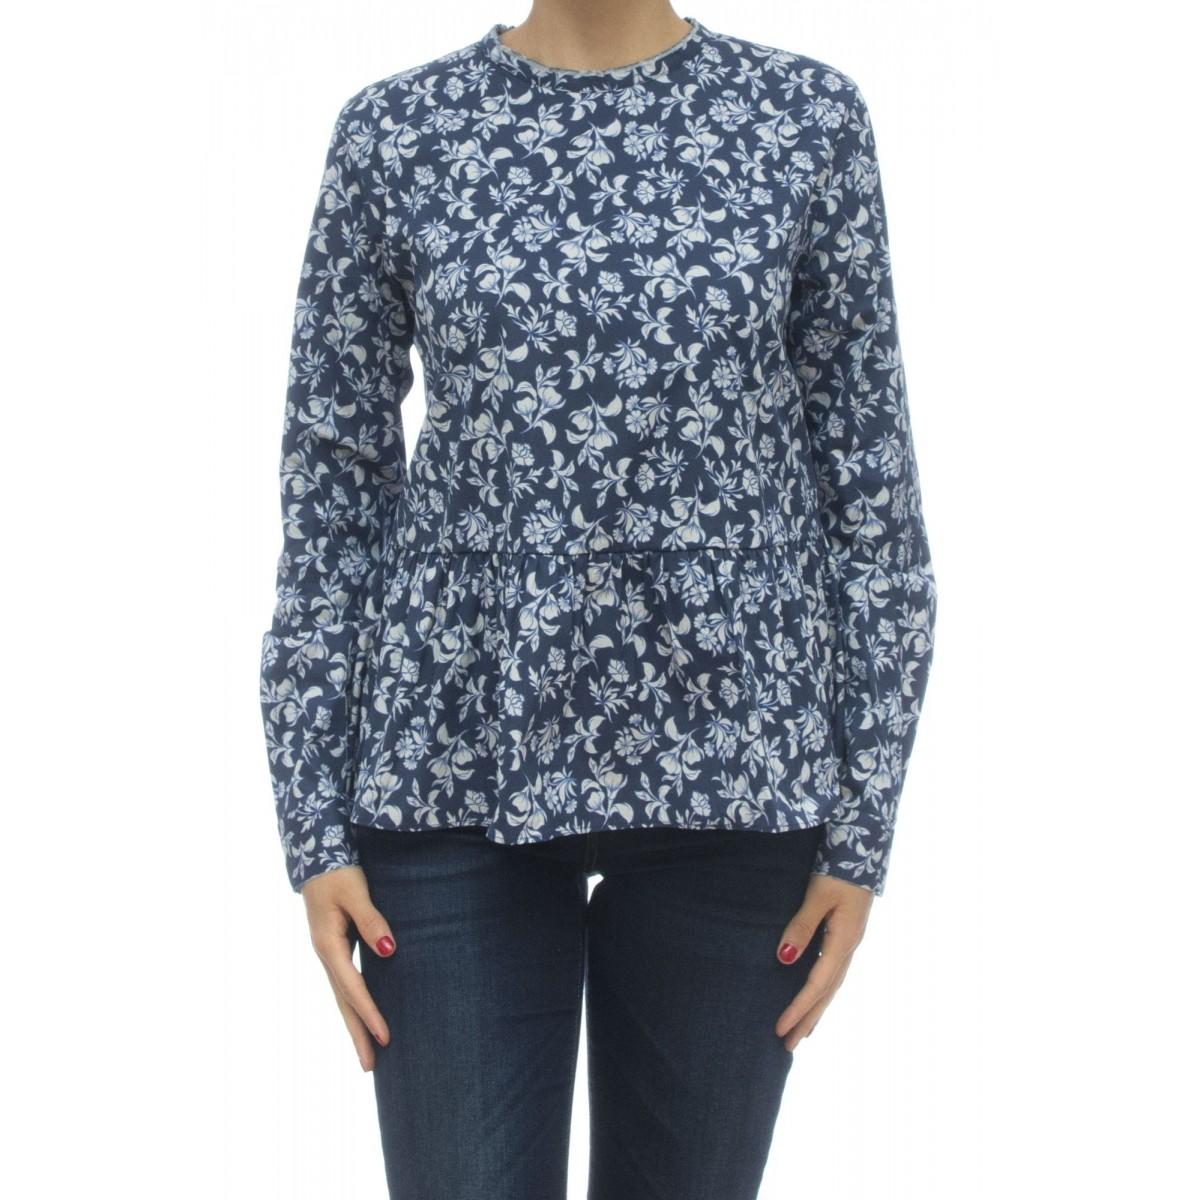 Camicia donna - Zhu rw9 rasatello stampato